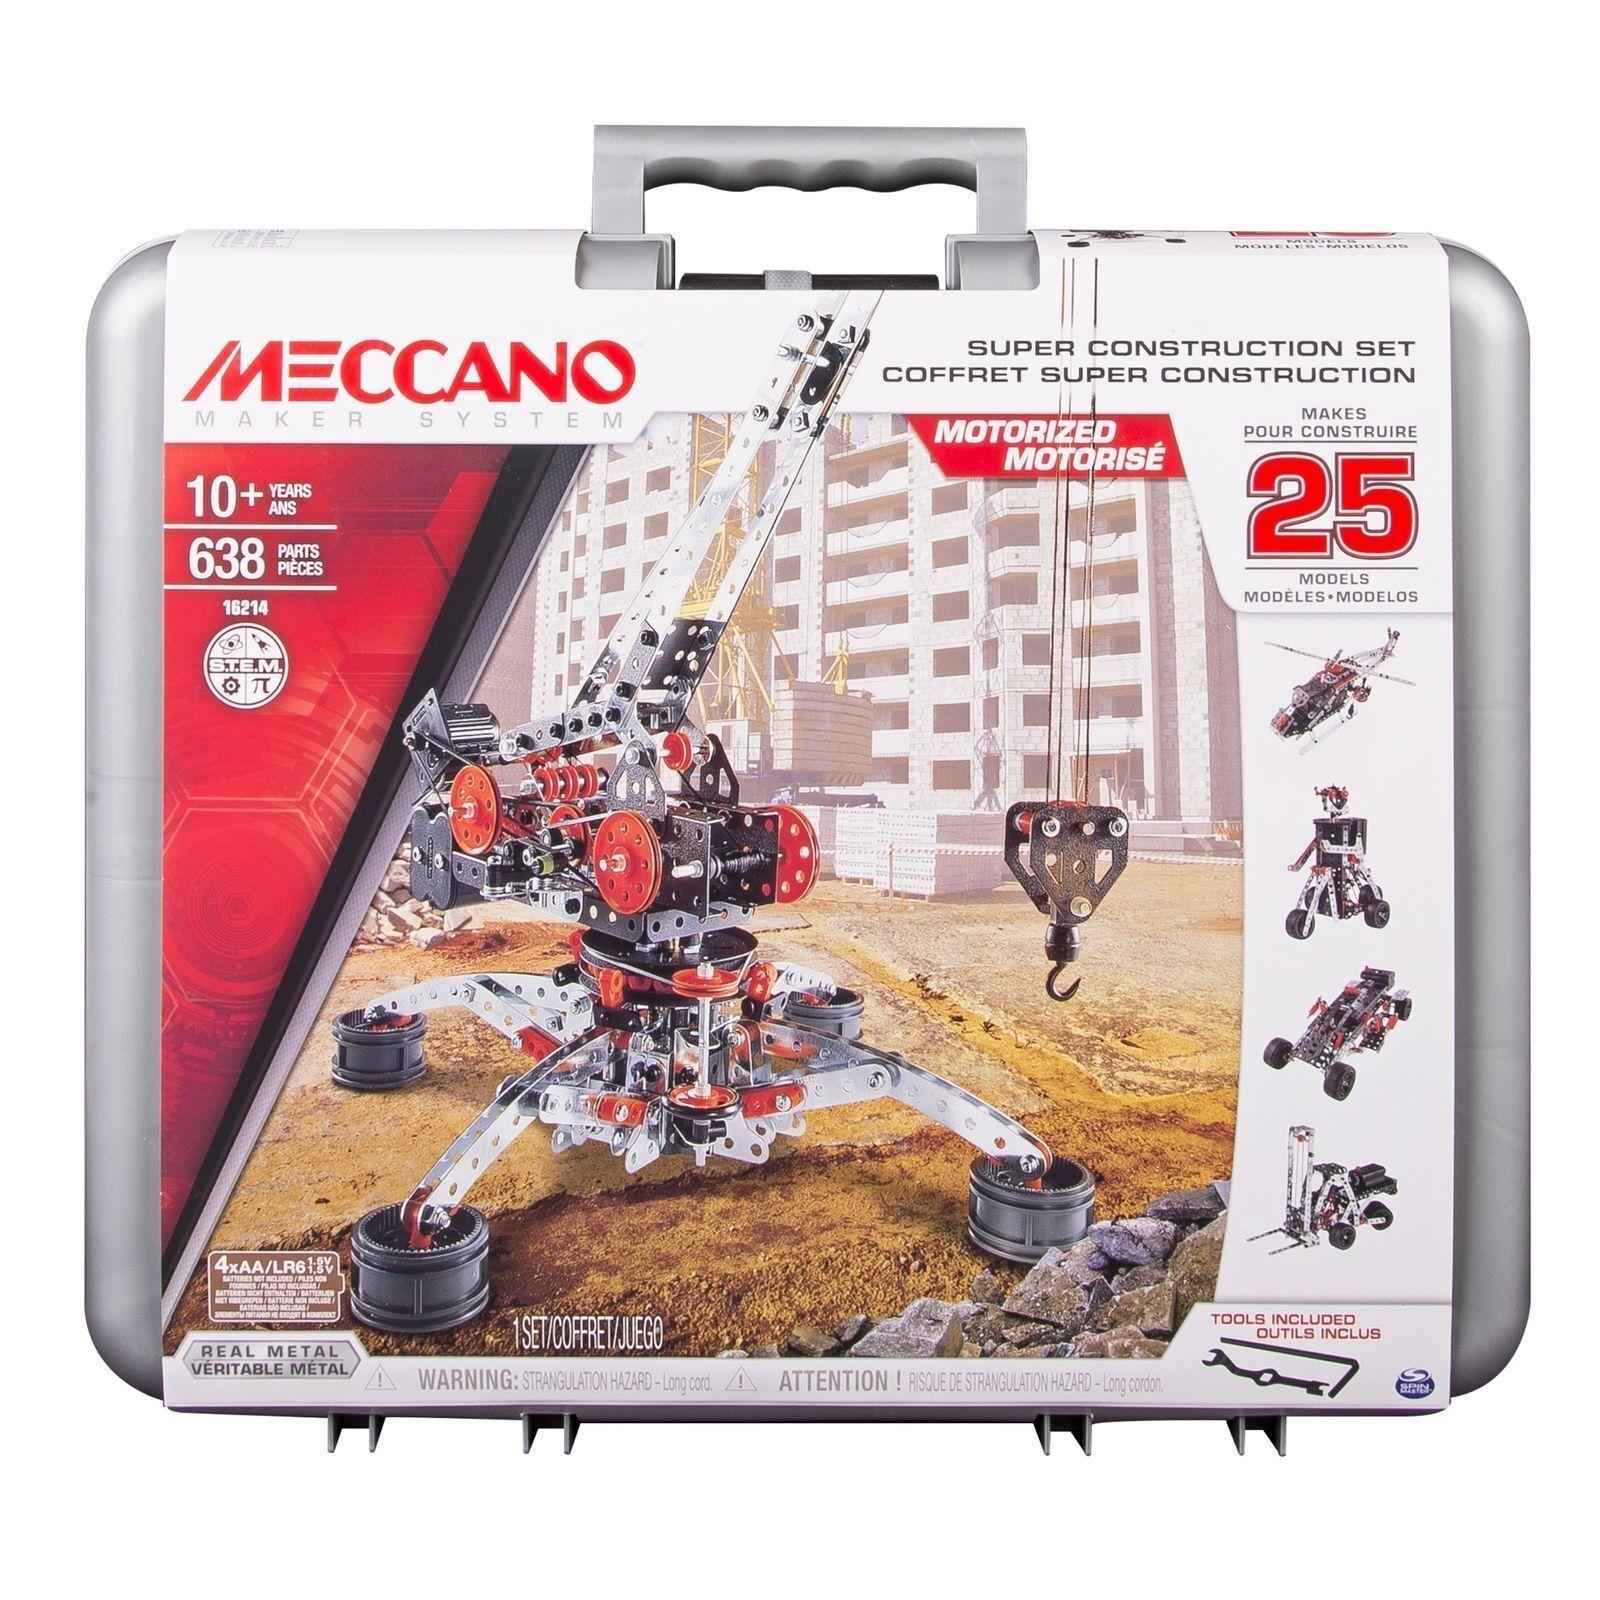 Meccano Super Construction Set, 25 Motorized Model Building Set, 638 Pieces Toy